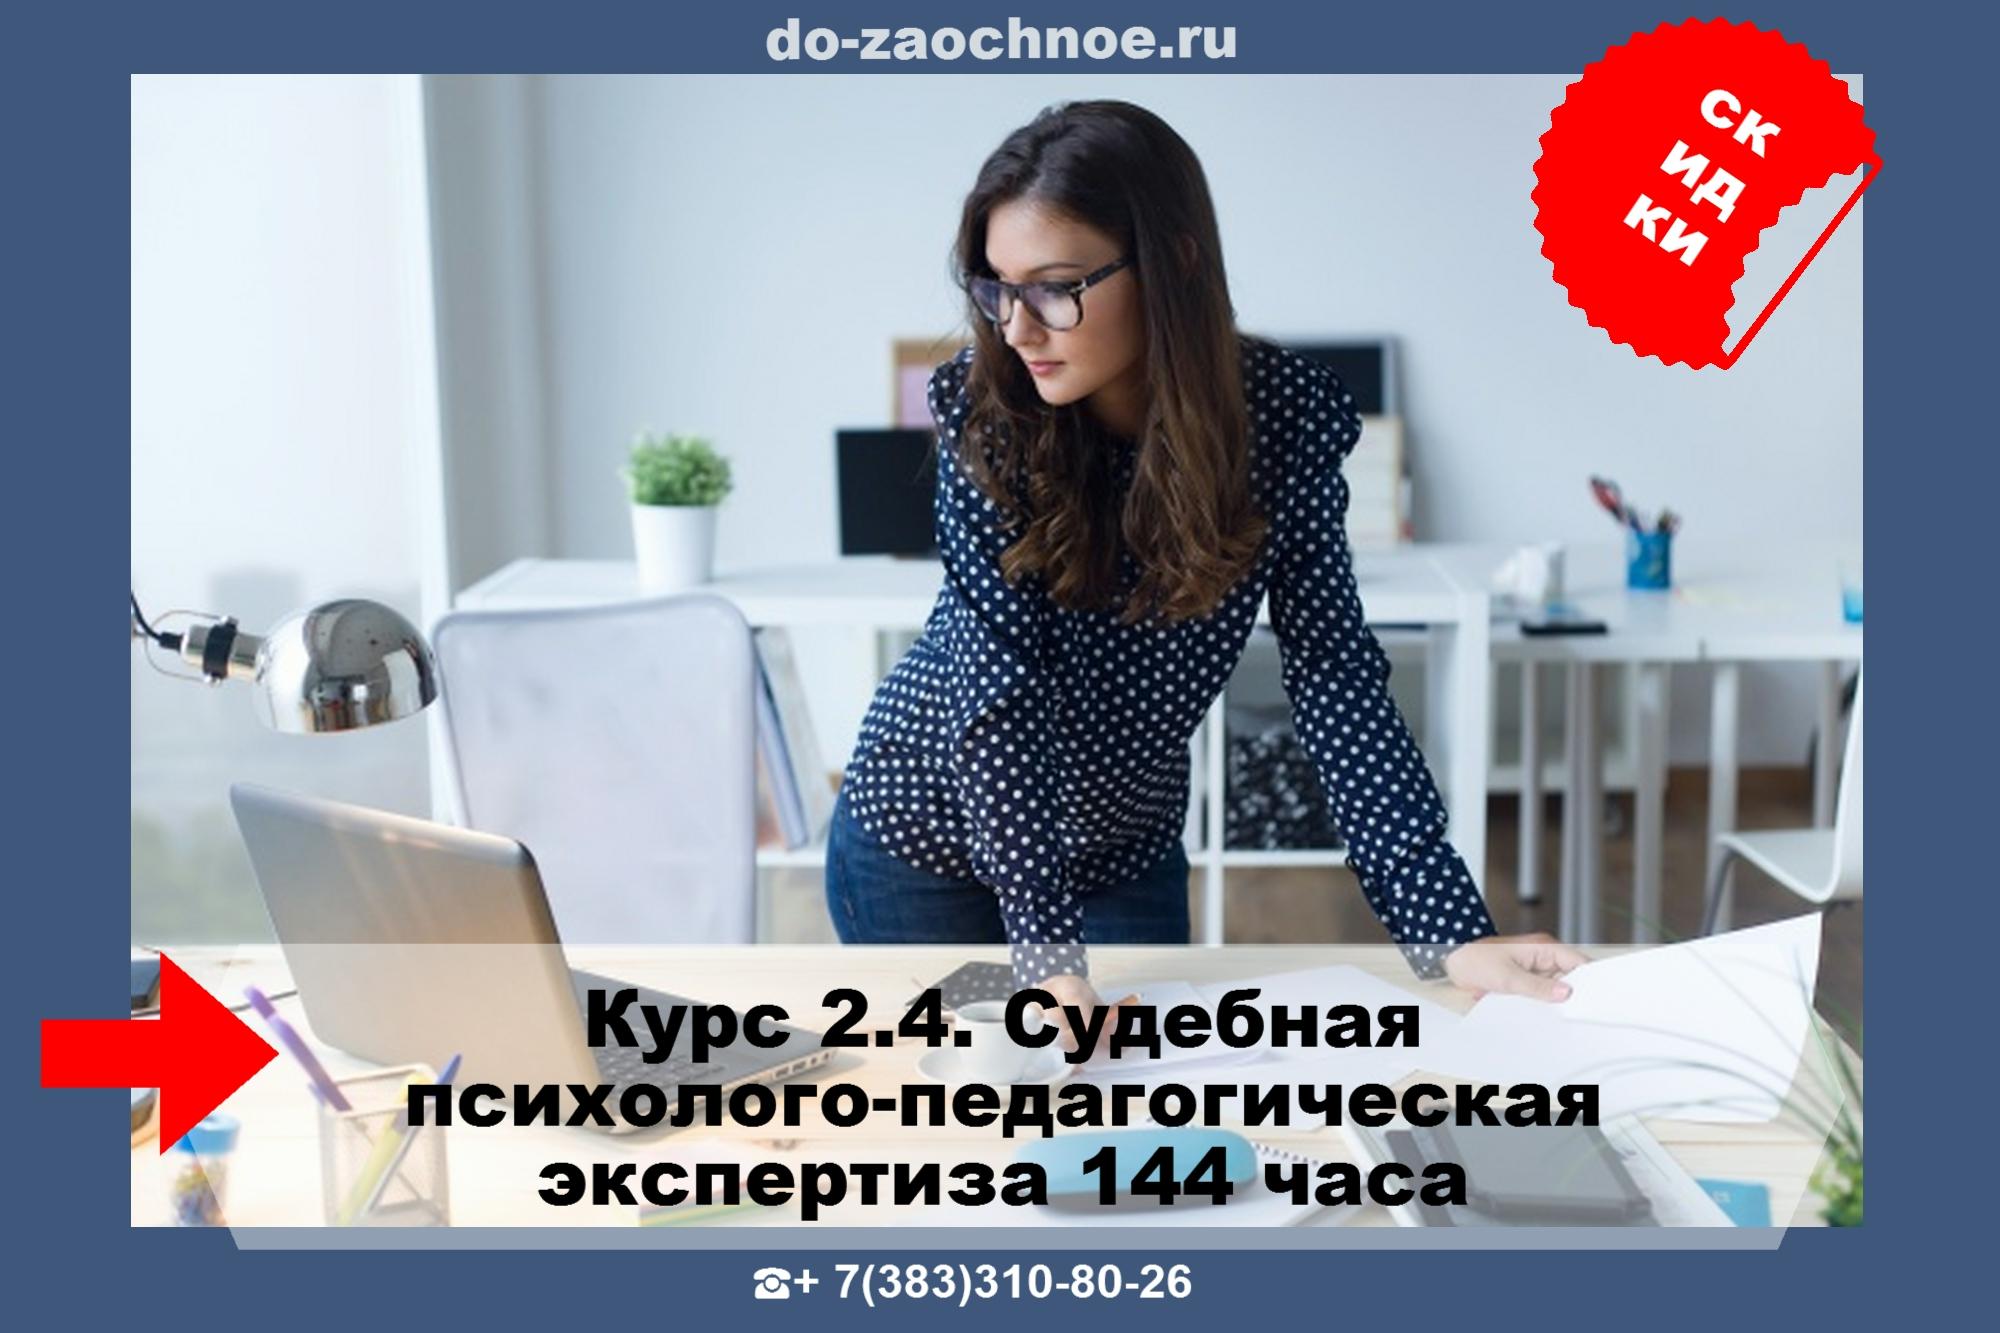 ИДПК дистанционные курсы Судебная психолого-педагогическая экспертиза на do-zaochnoe.ru тут!